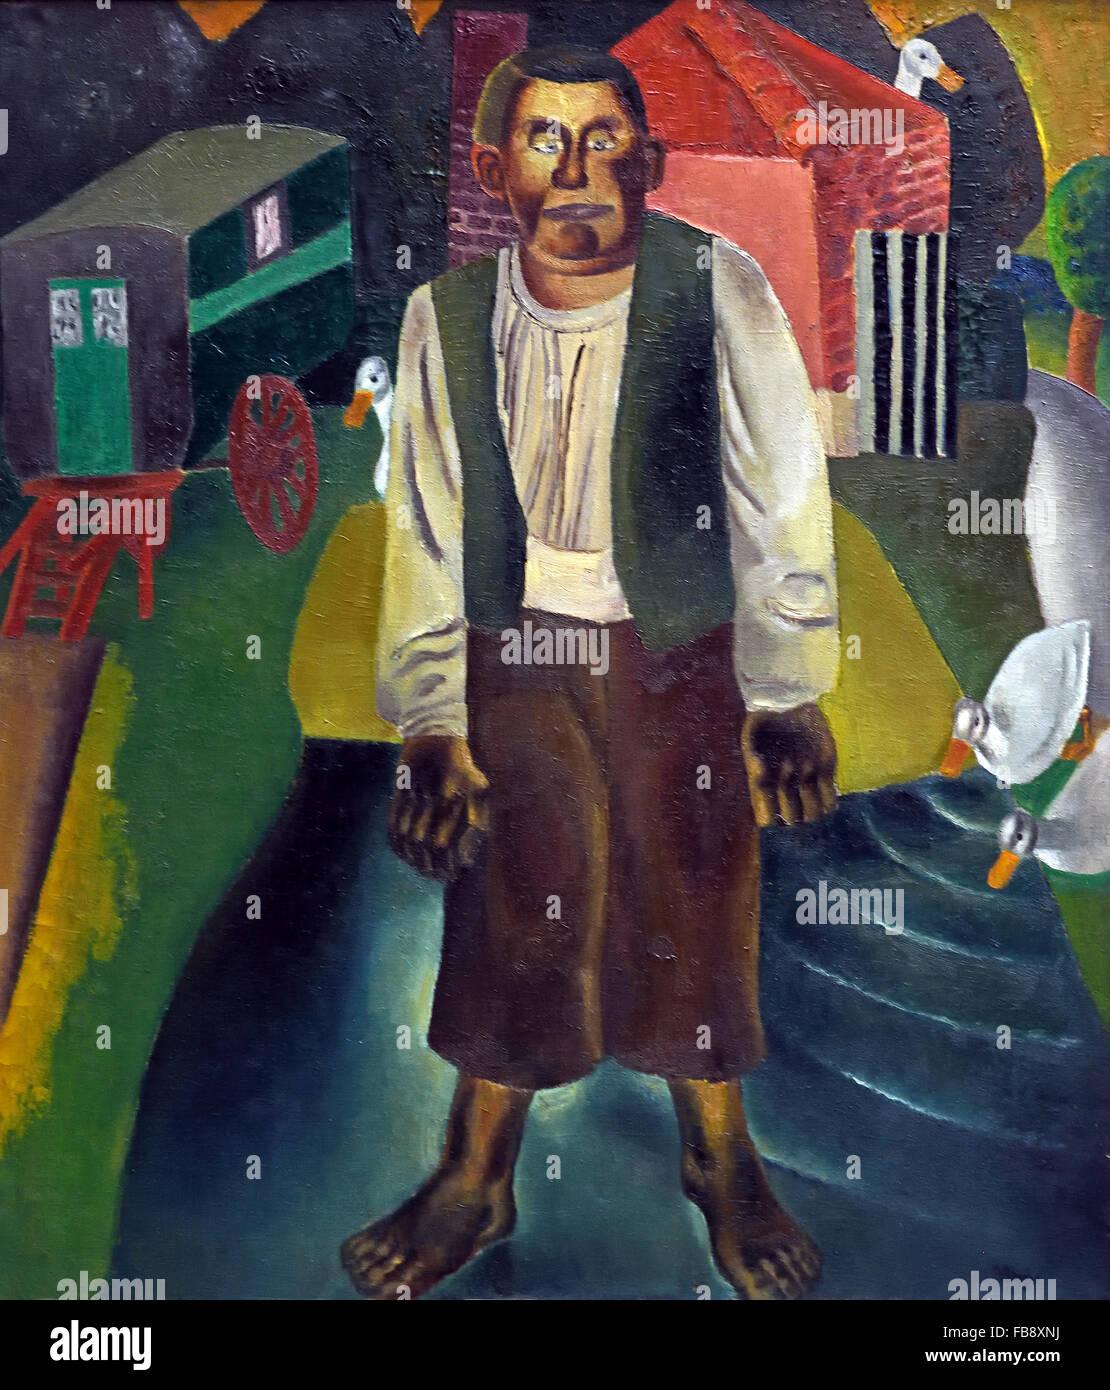 L'Idiot par l'Étang 1926 Frits Van den Berghe 1883 - 1939 peintre expressionniste belge Belgique flamande Photo Stock